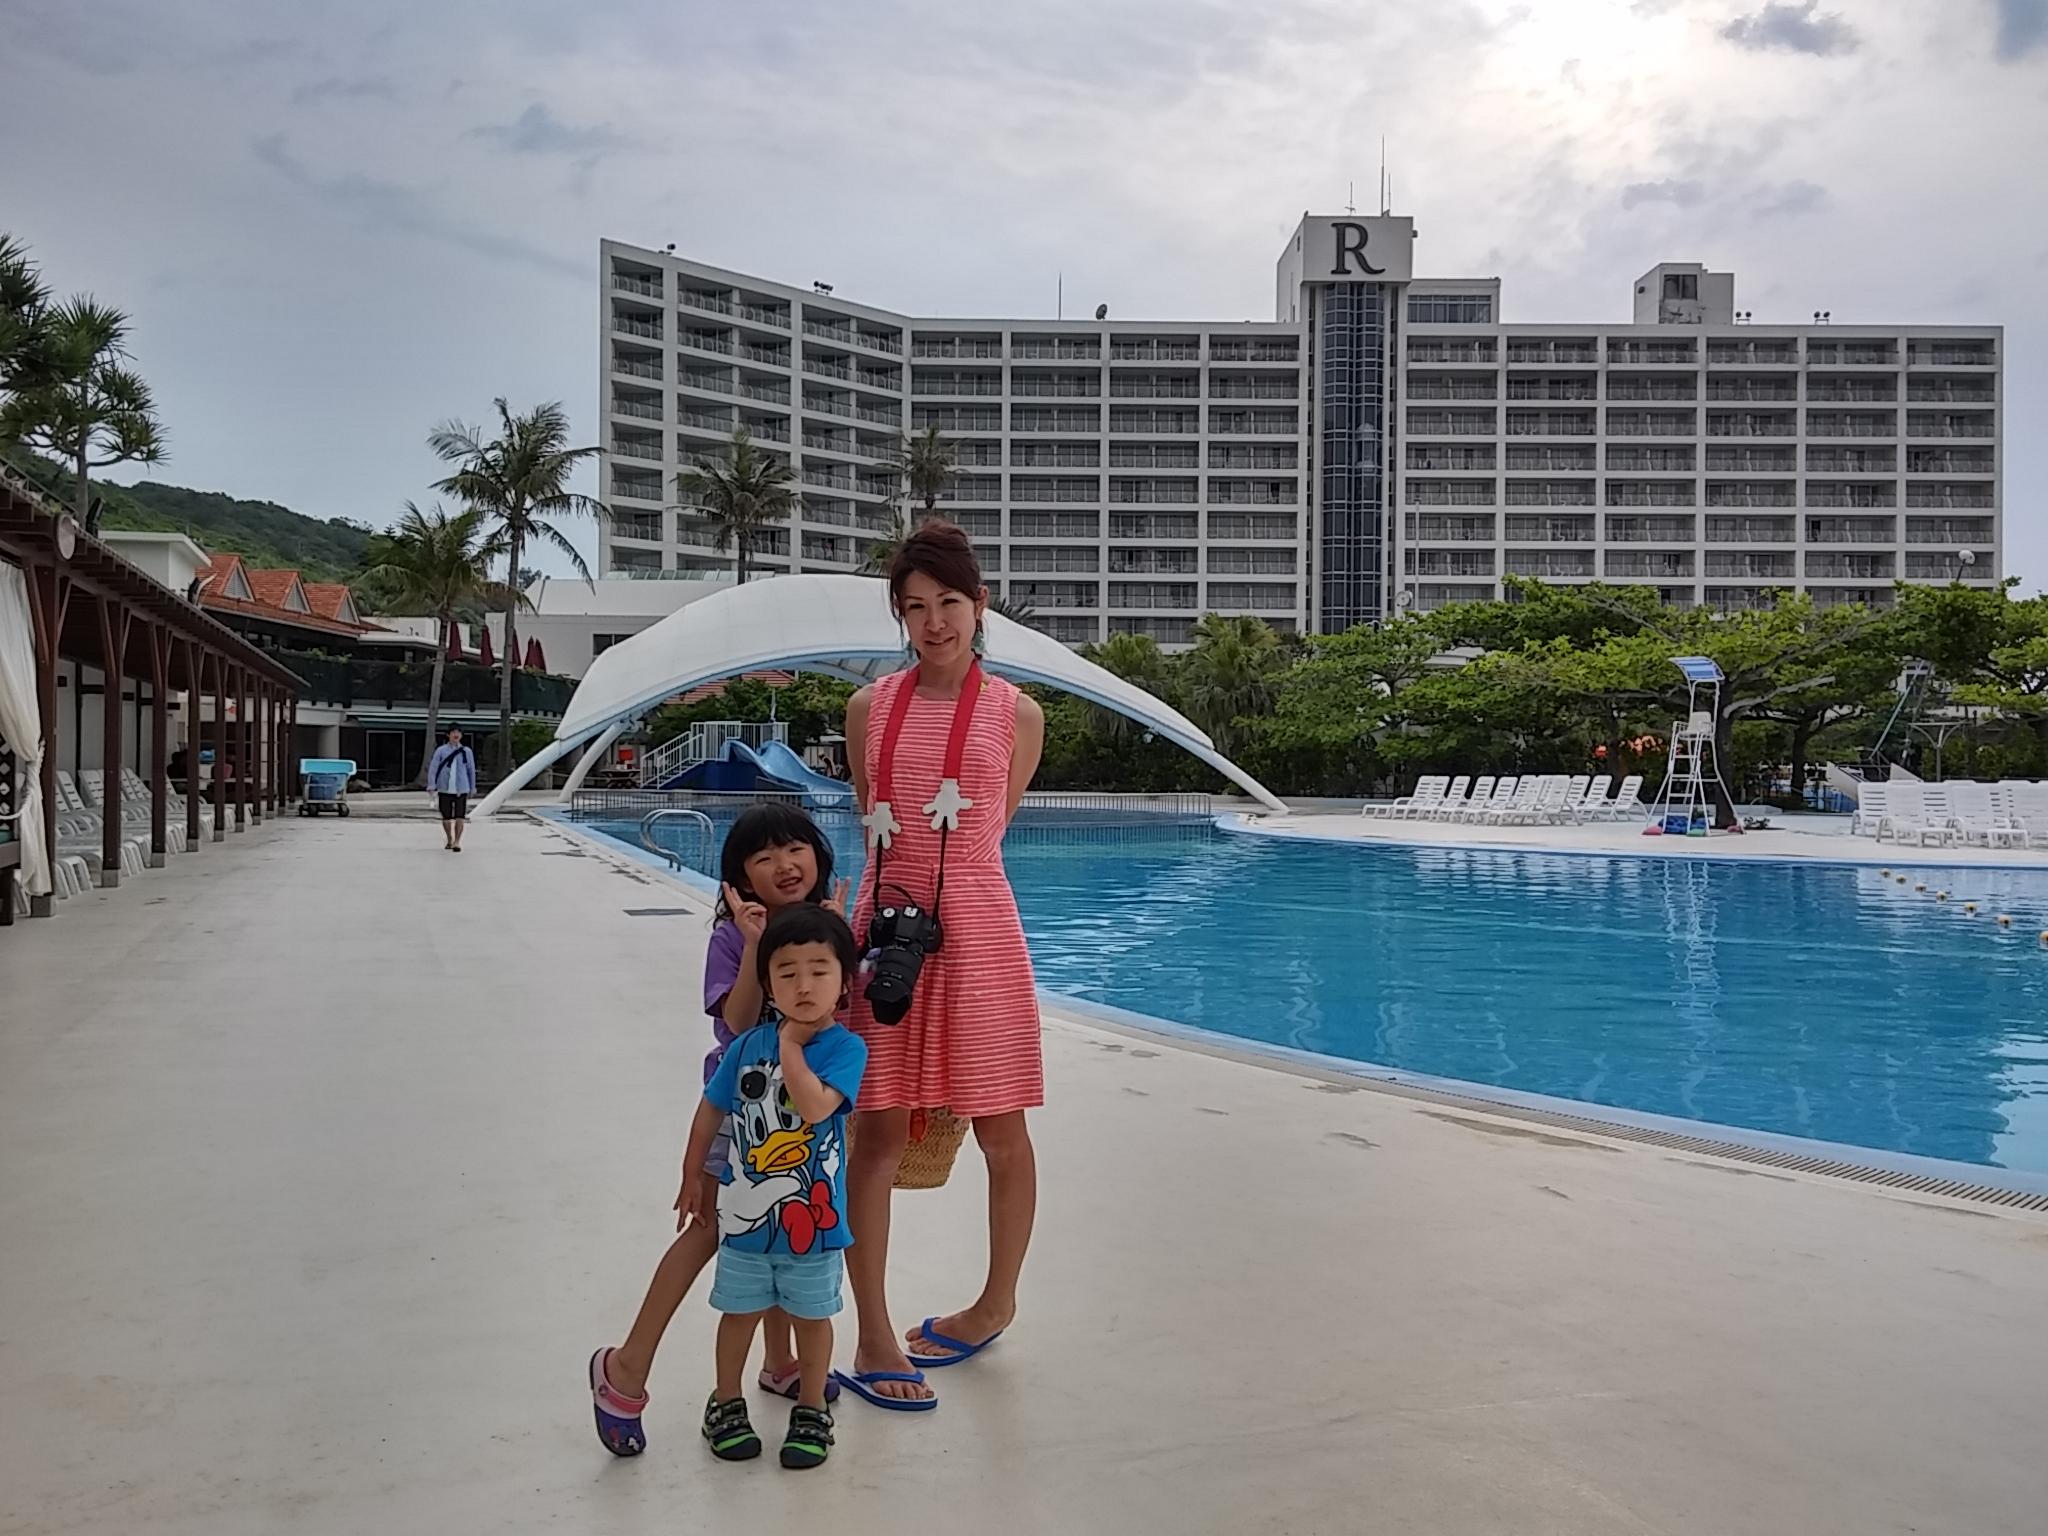 沖縄 ルネッサンス ルネッサンス リゾート